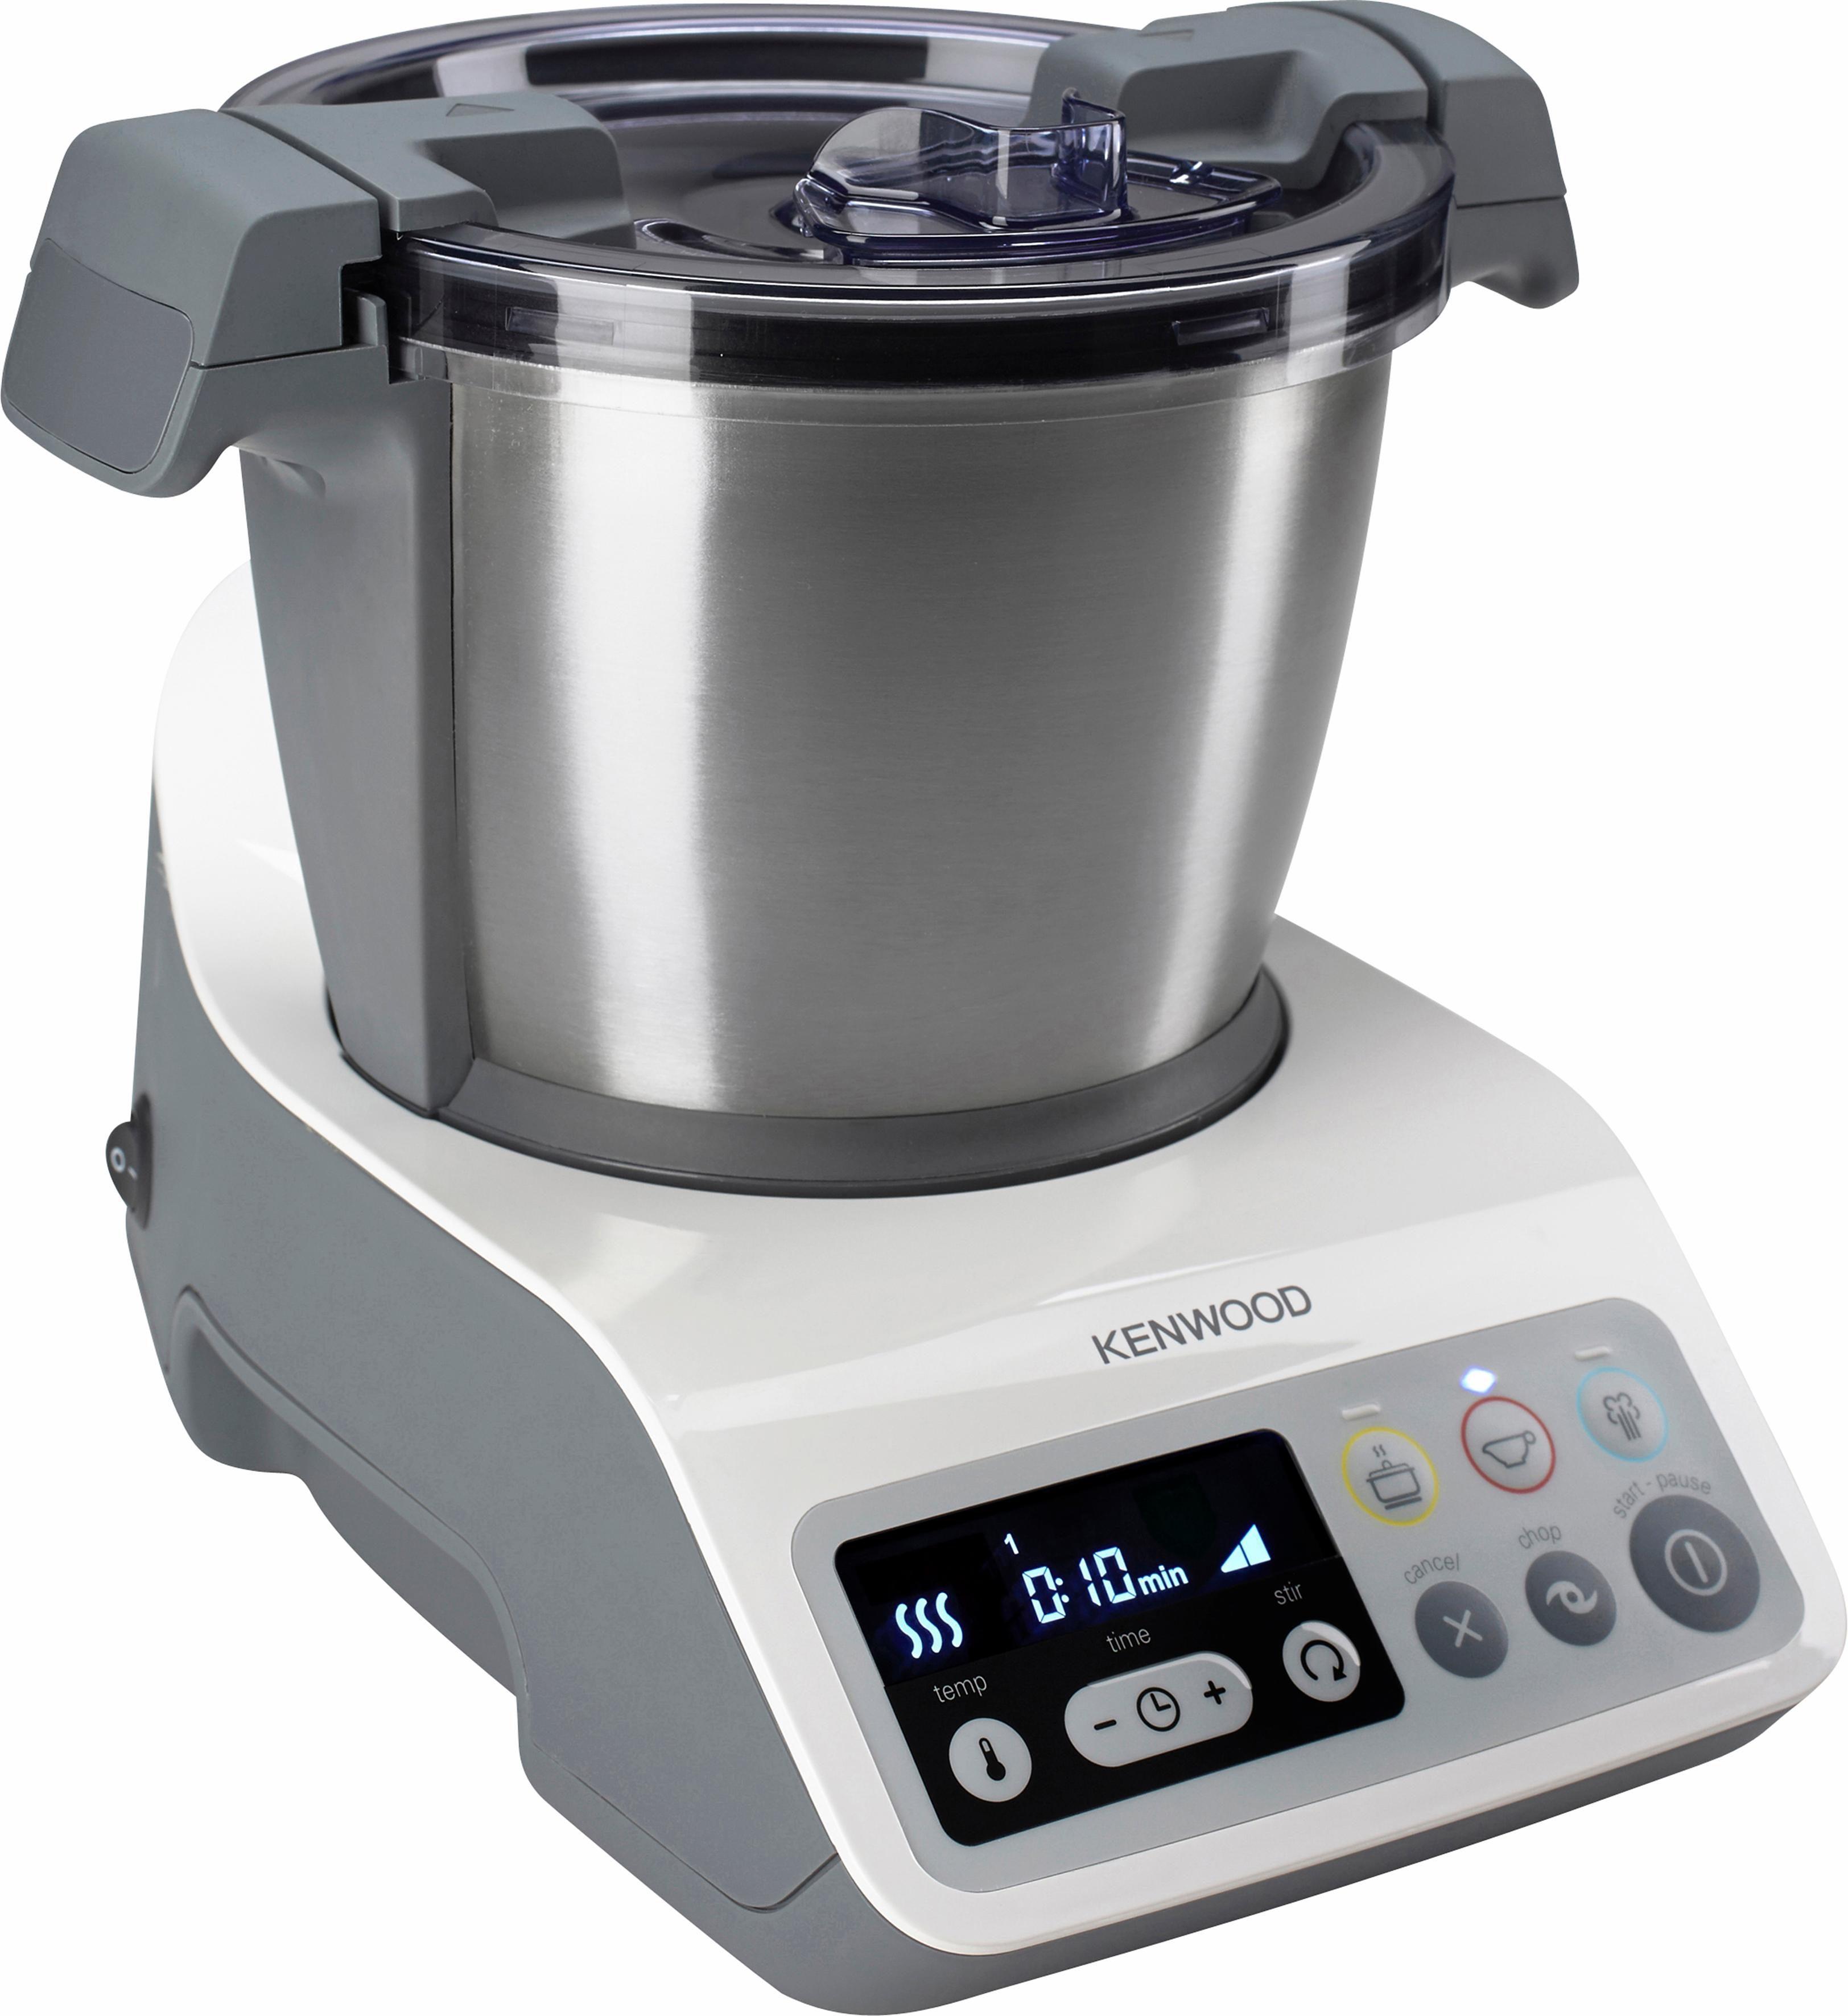 Kenwood Kompakt-Küchenmaschine mit Kochfunktion »kCook CCC200WH«, 800 Watt Heizelement, 1,5 Liter